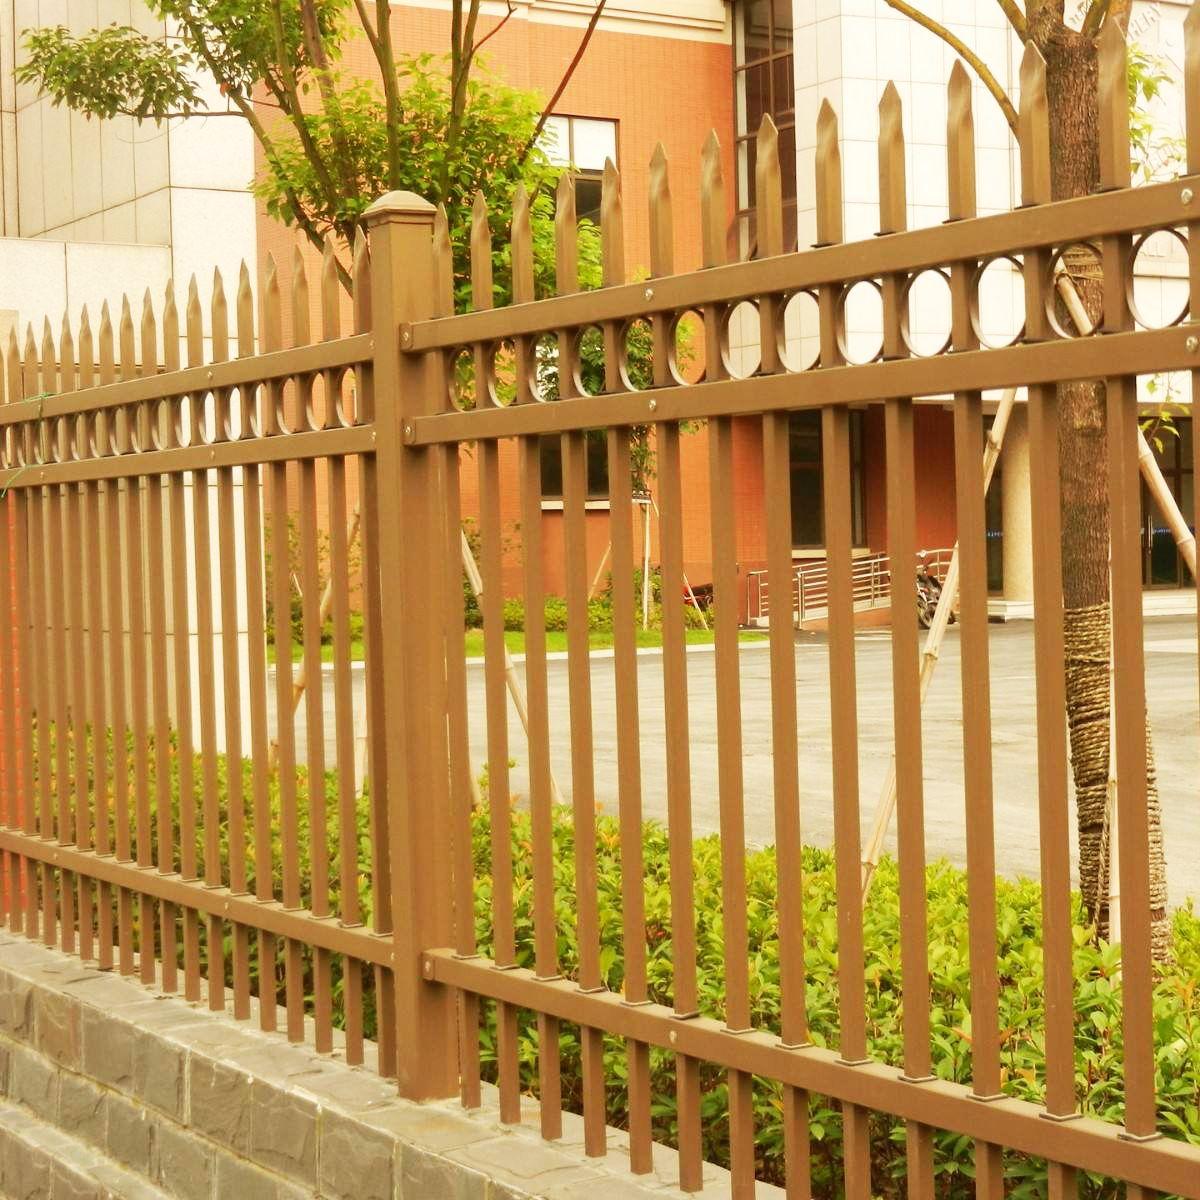 兰州市阳台护栏垮厂家_白银阳台护栏厂家:甘肃价... _一呼百应网